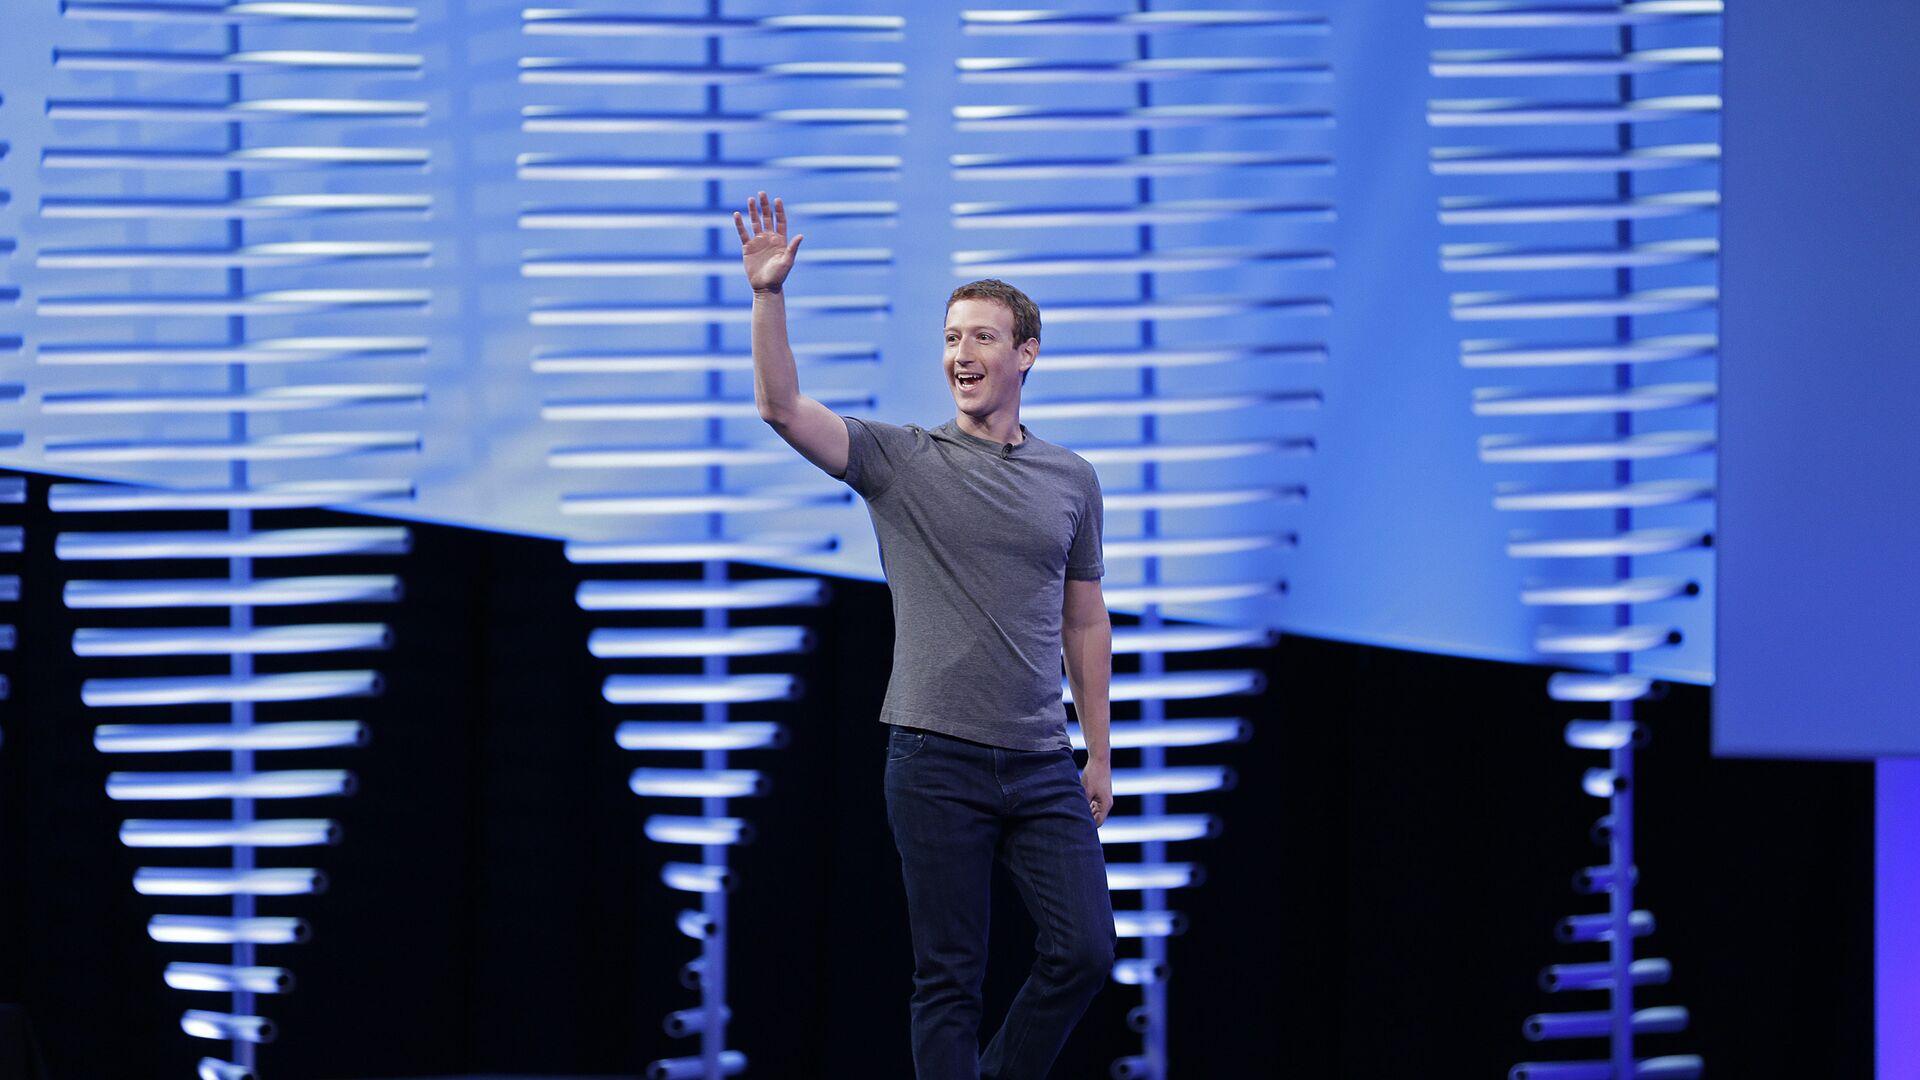 Генеральный директор Facebook Марк Цукерберг - РИА Новости, 1920, 10.02.2021